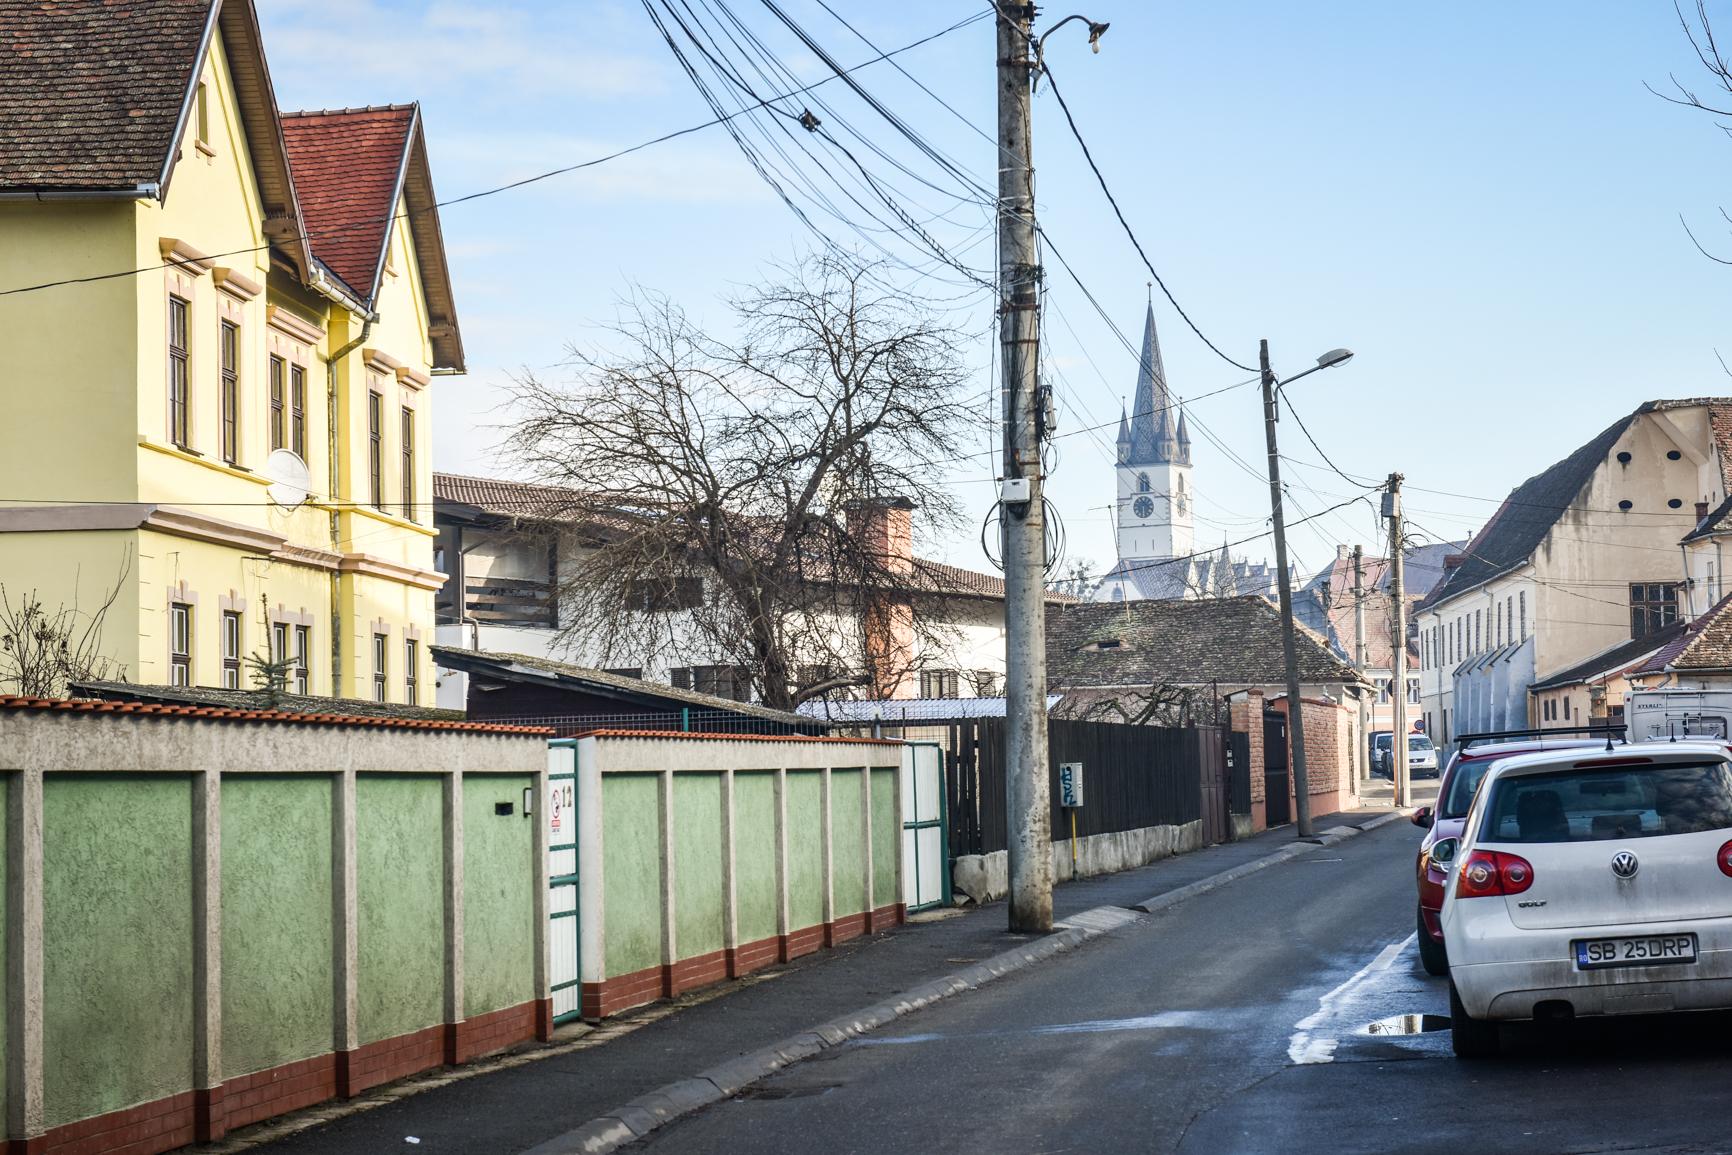 1,74 - se menține rata de infectare în municipiul Sibiu, dar crește în județ